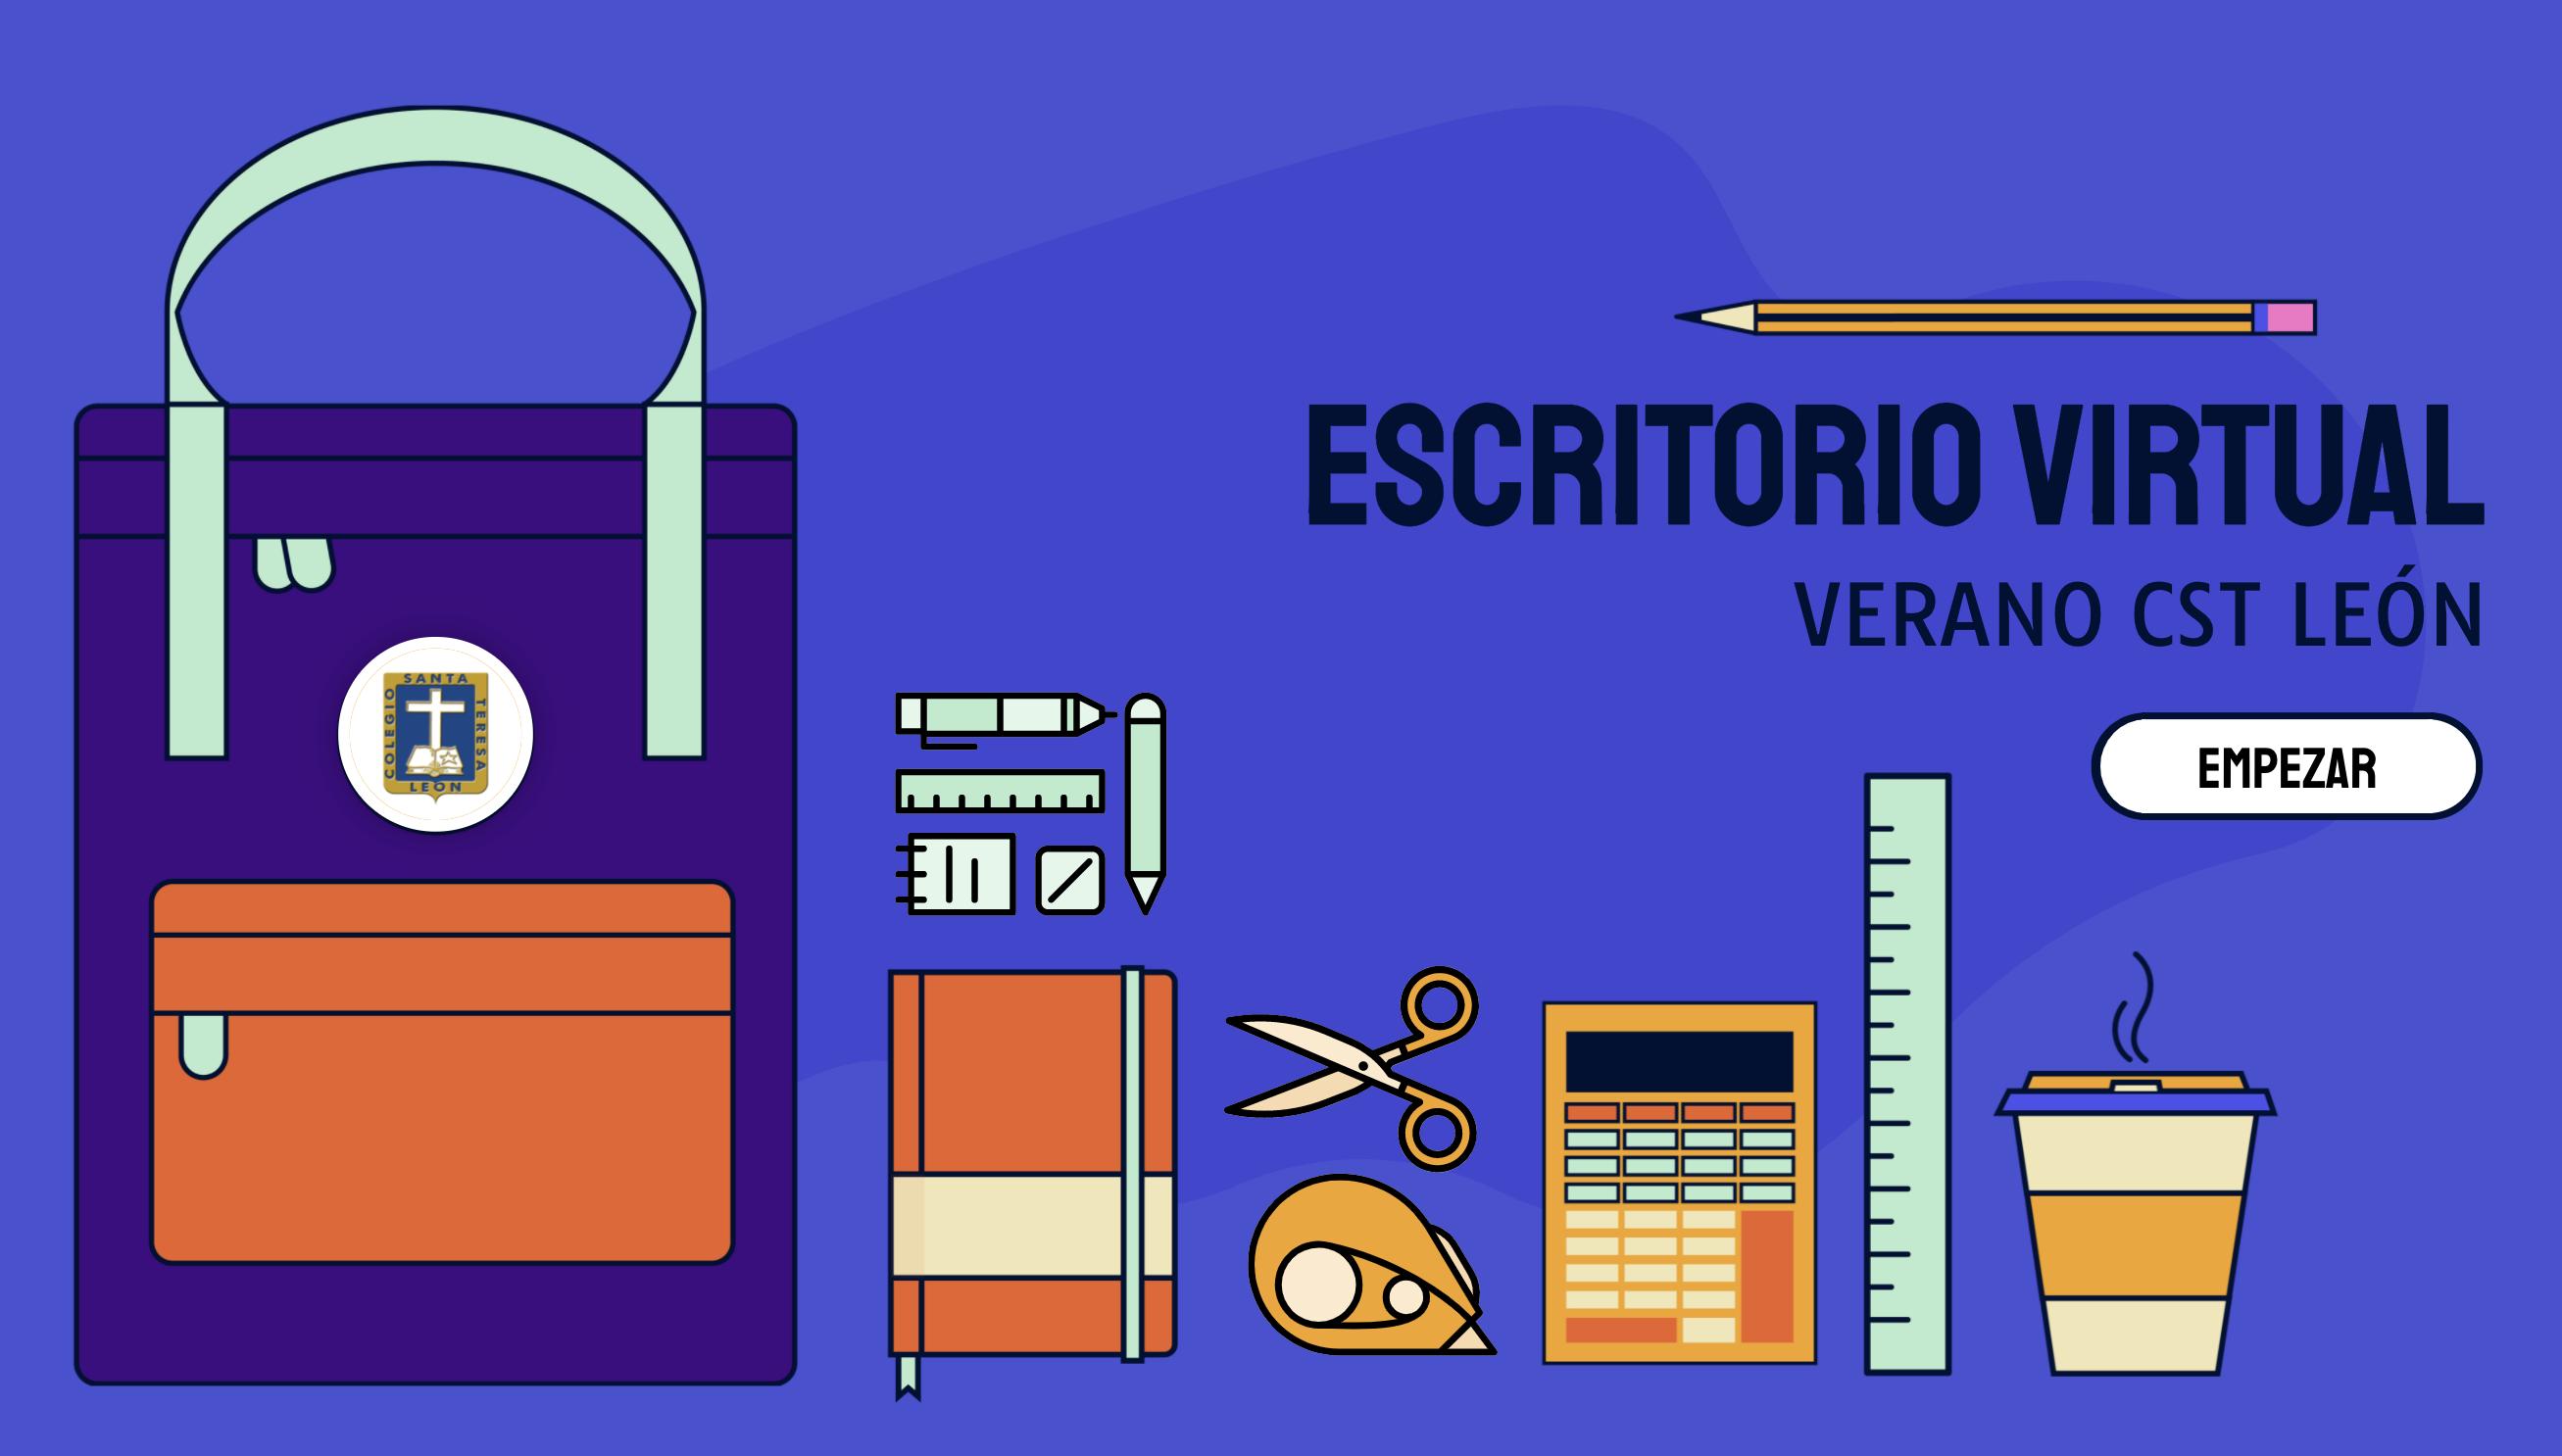 ESCRITORIO VIRTUAL VERANO CST LEÓN – ¡GRACIAS Y FELICES VACACIONES!